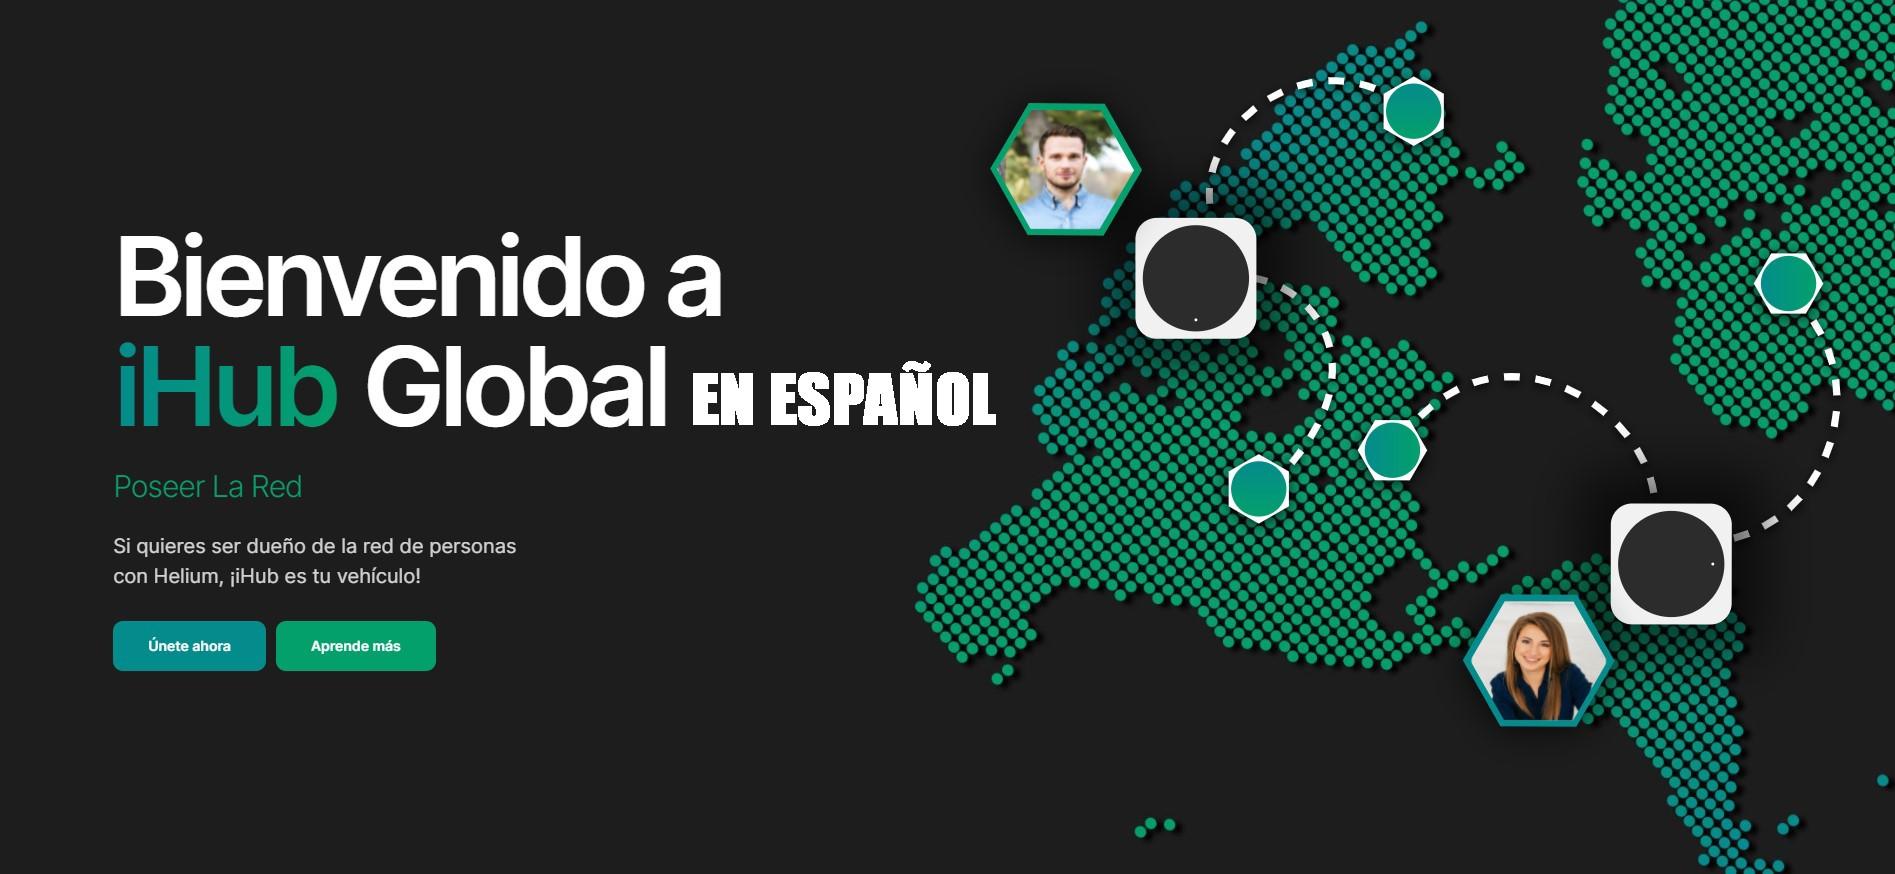 ihug blogal en español